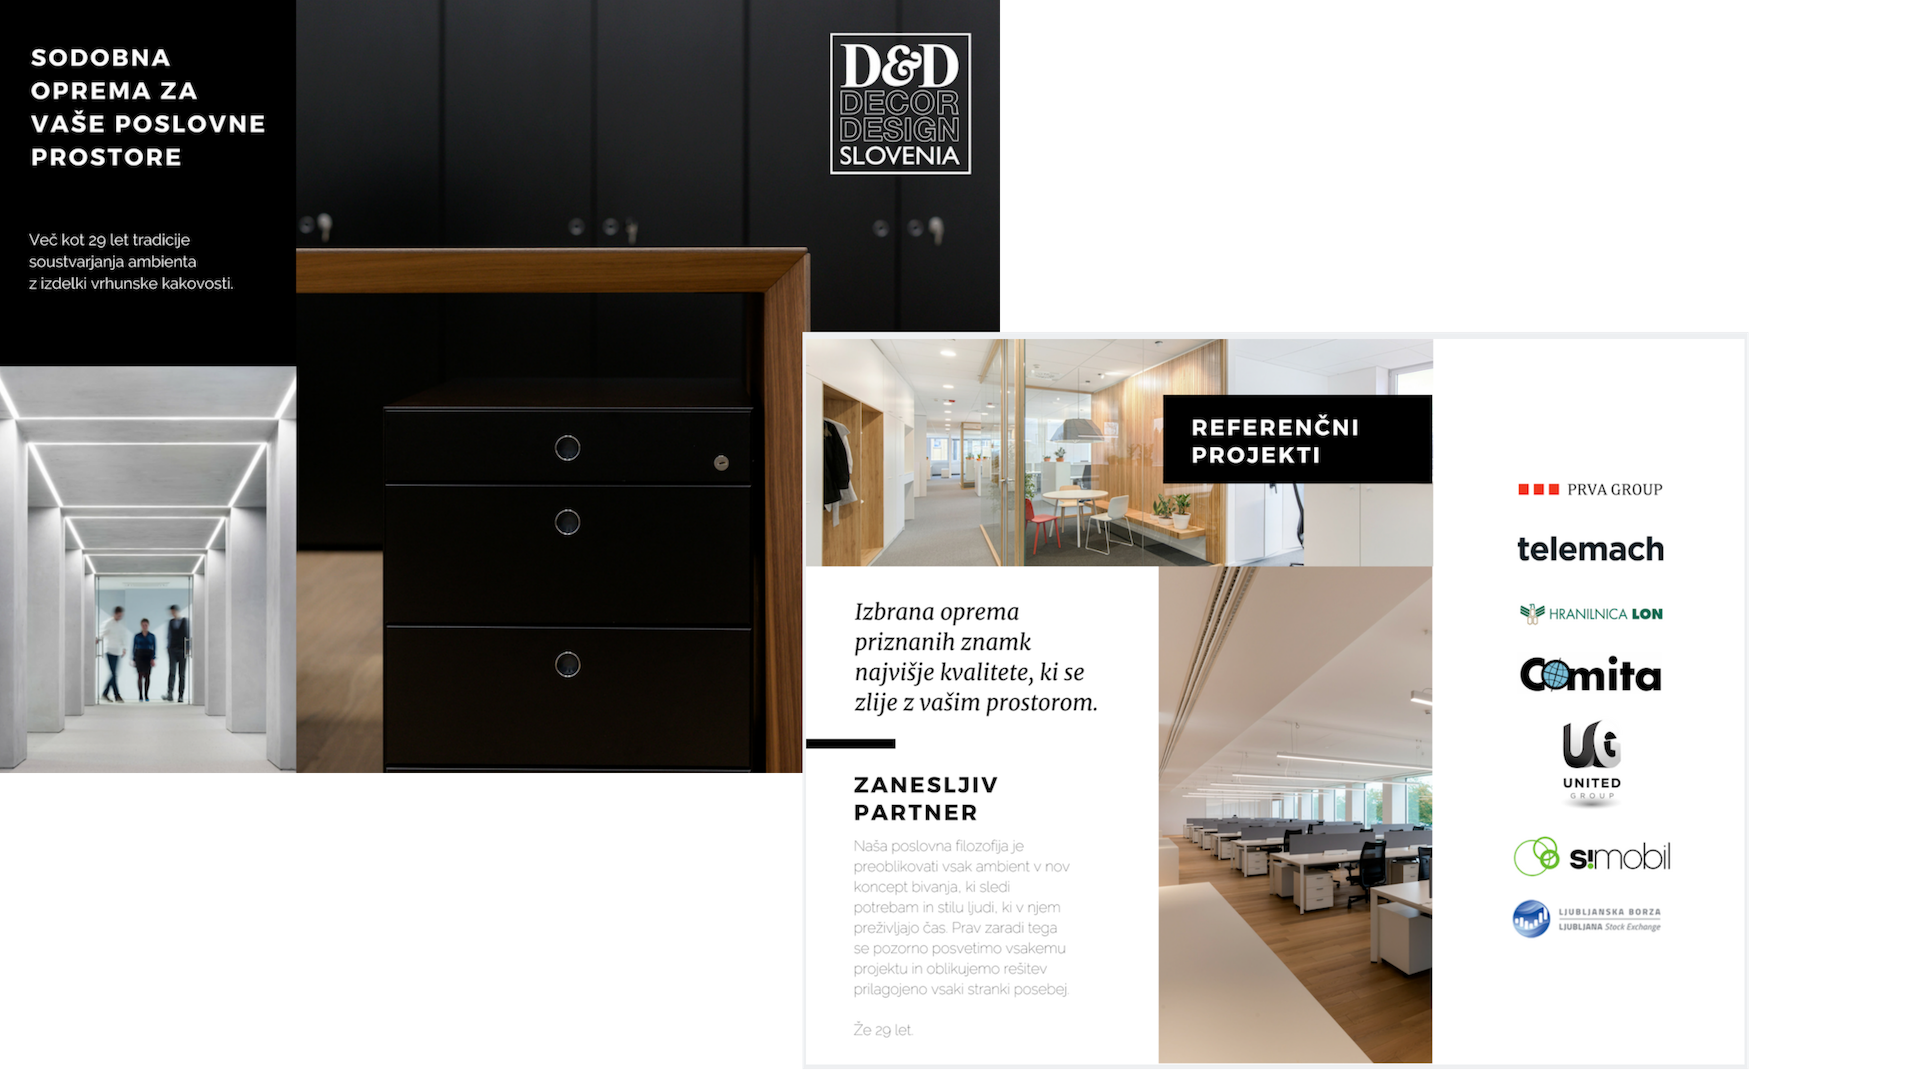 Decor&Design_pisarniška oprema_prezentacija.png